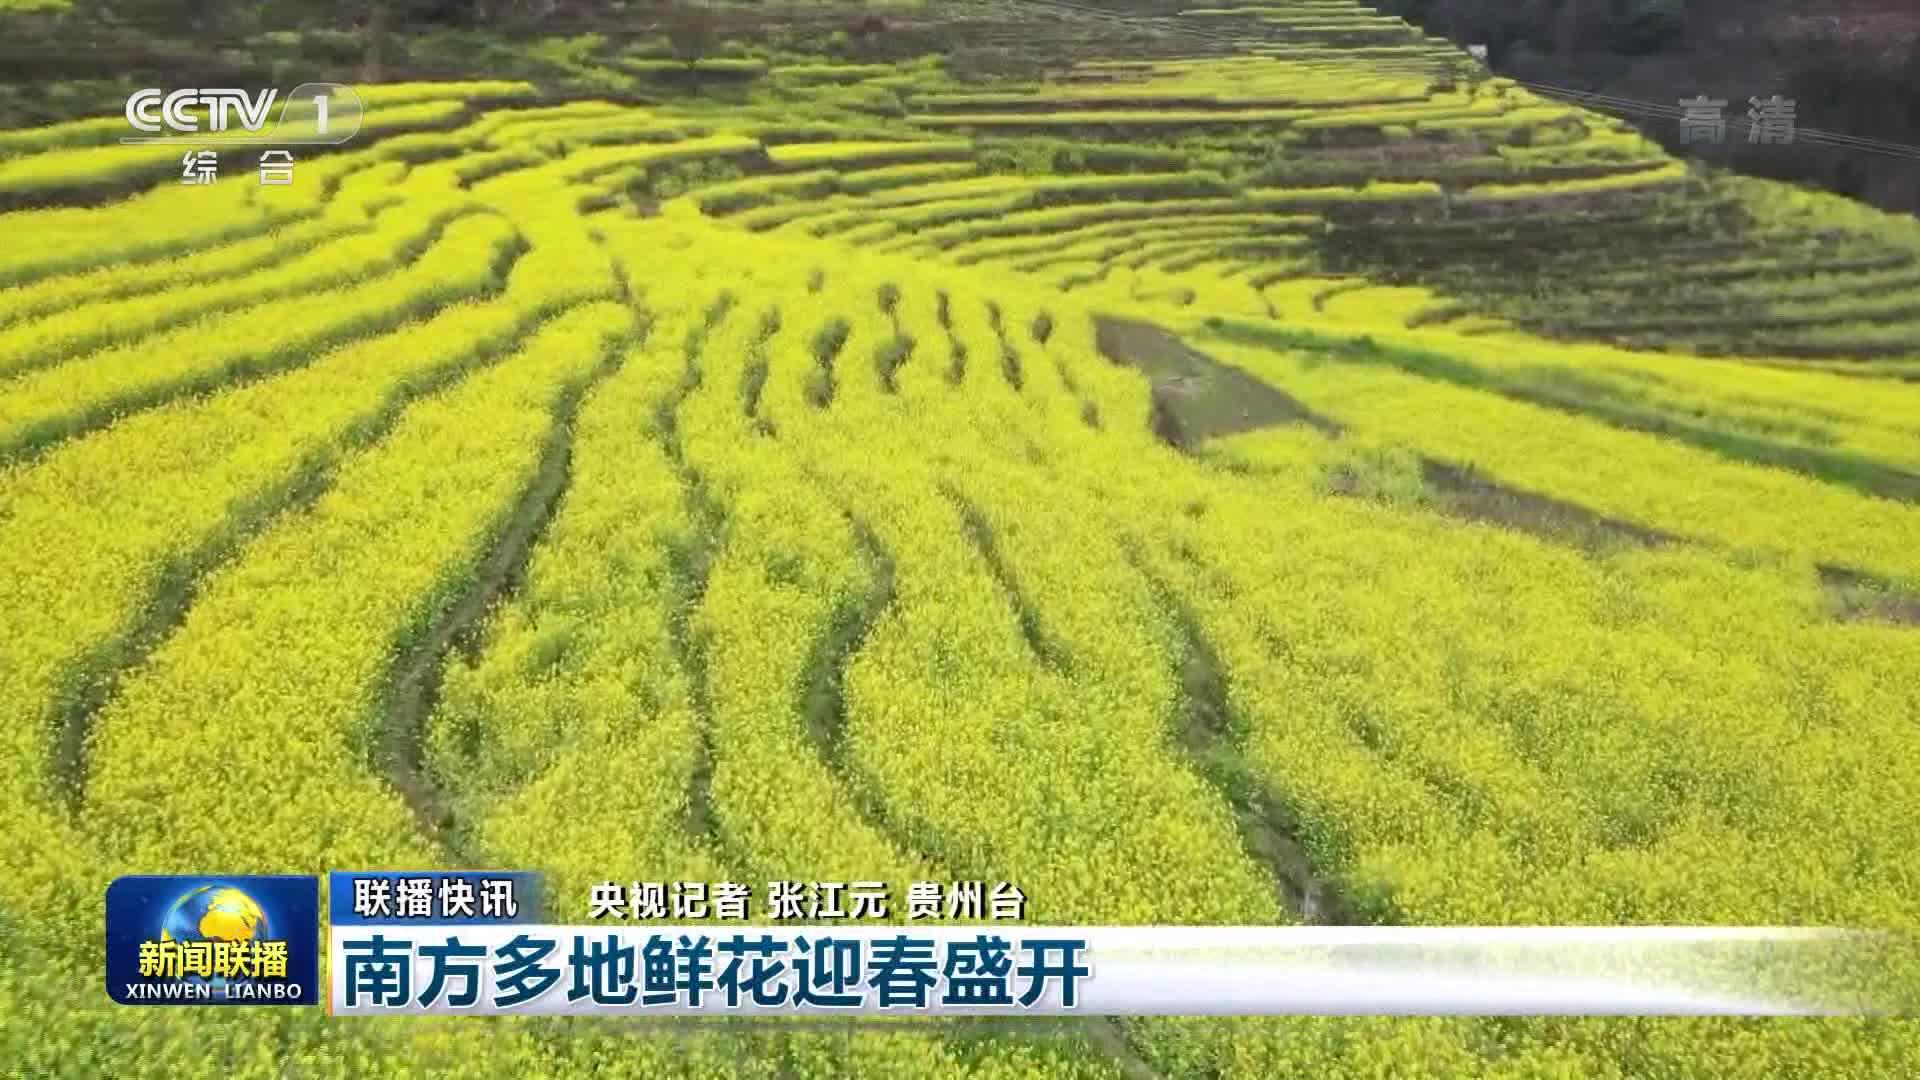 【联播快讯】南方多地鲜花迎春盛开